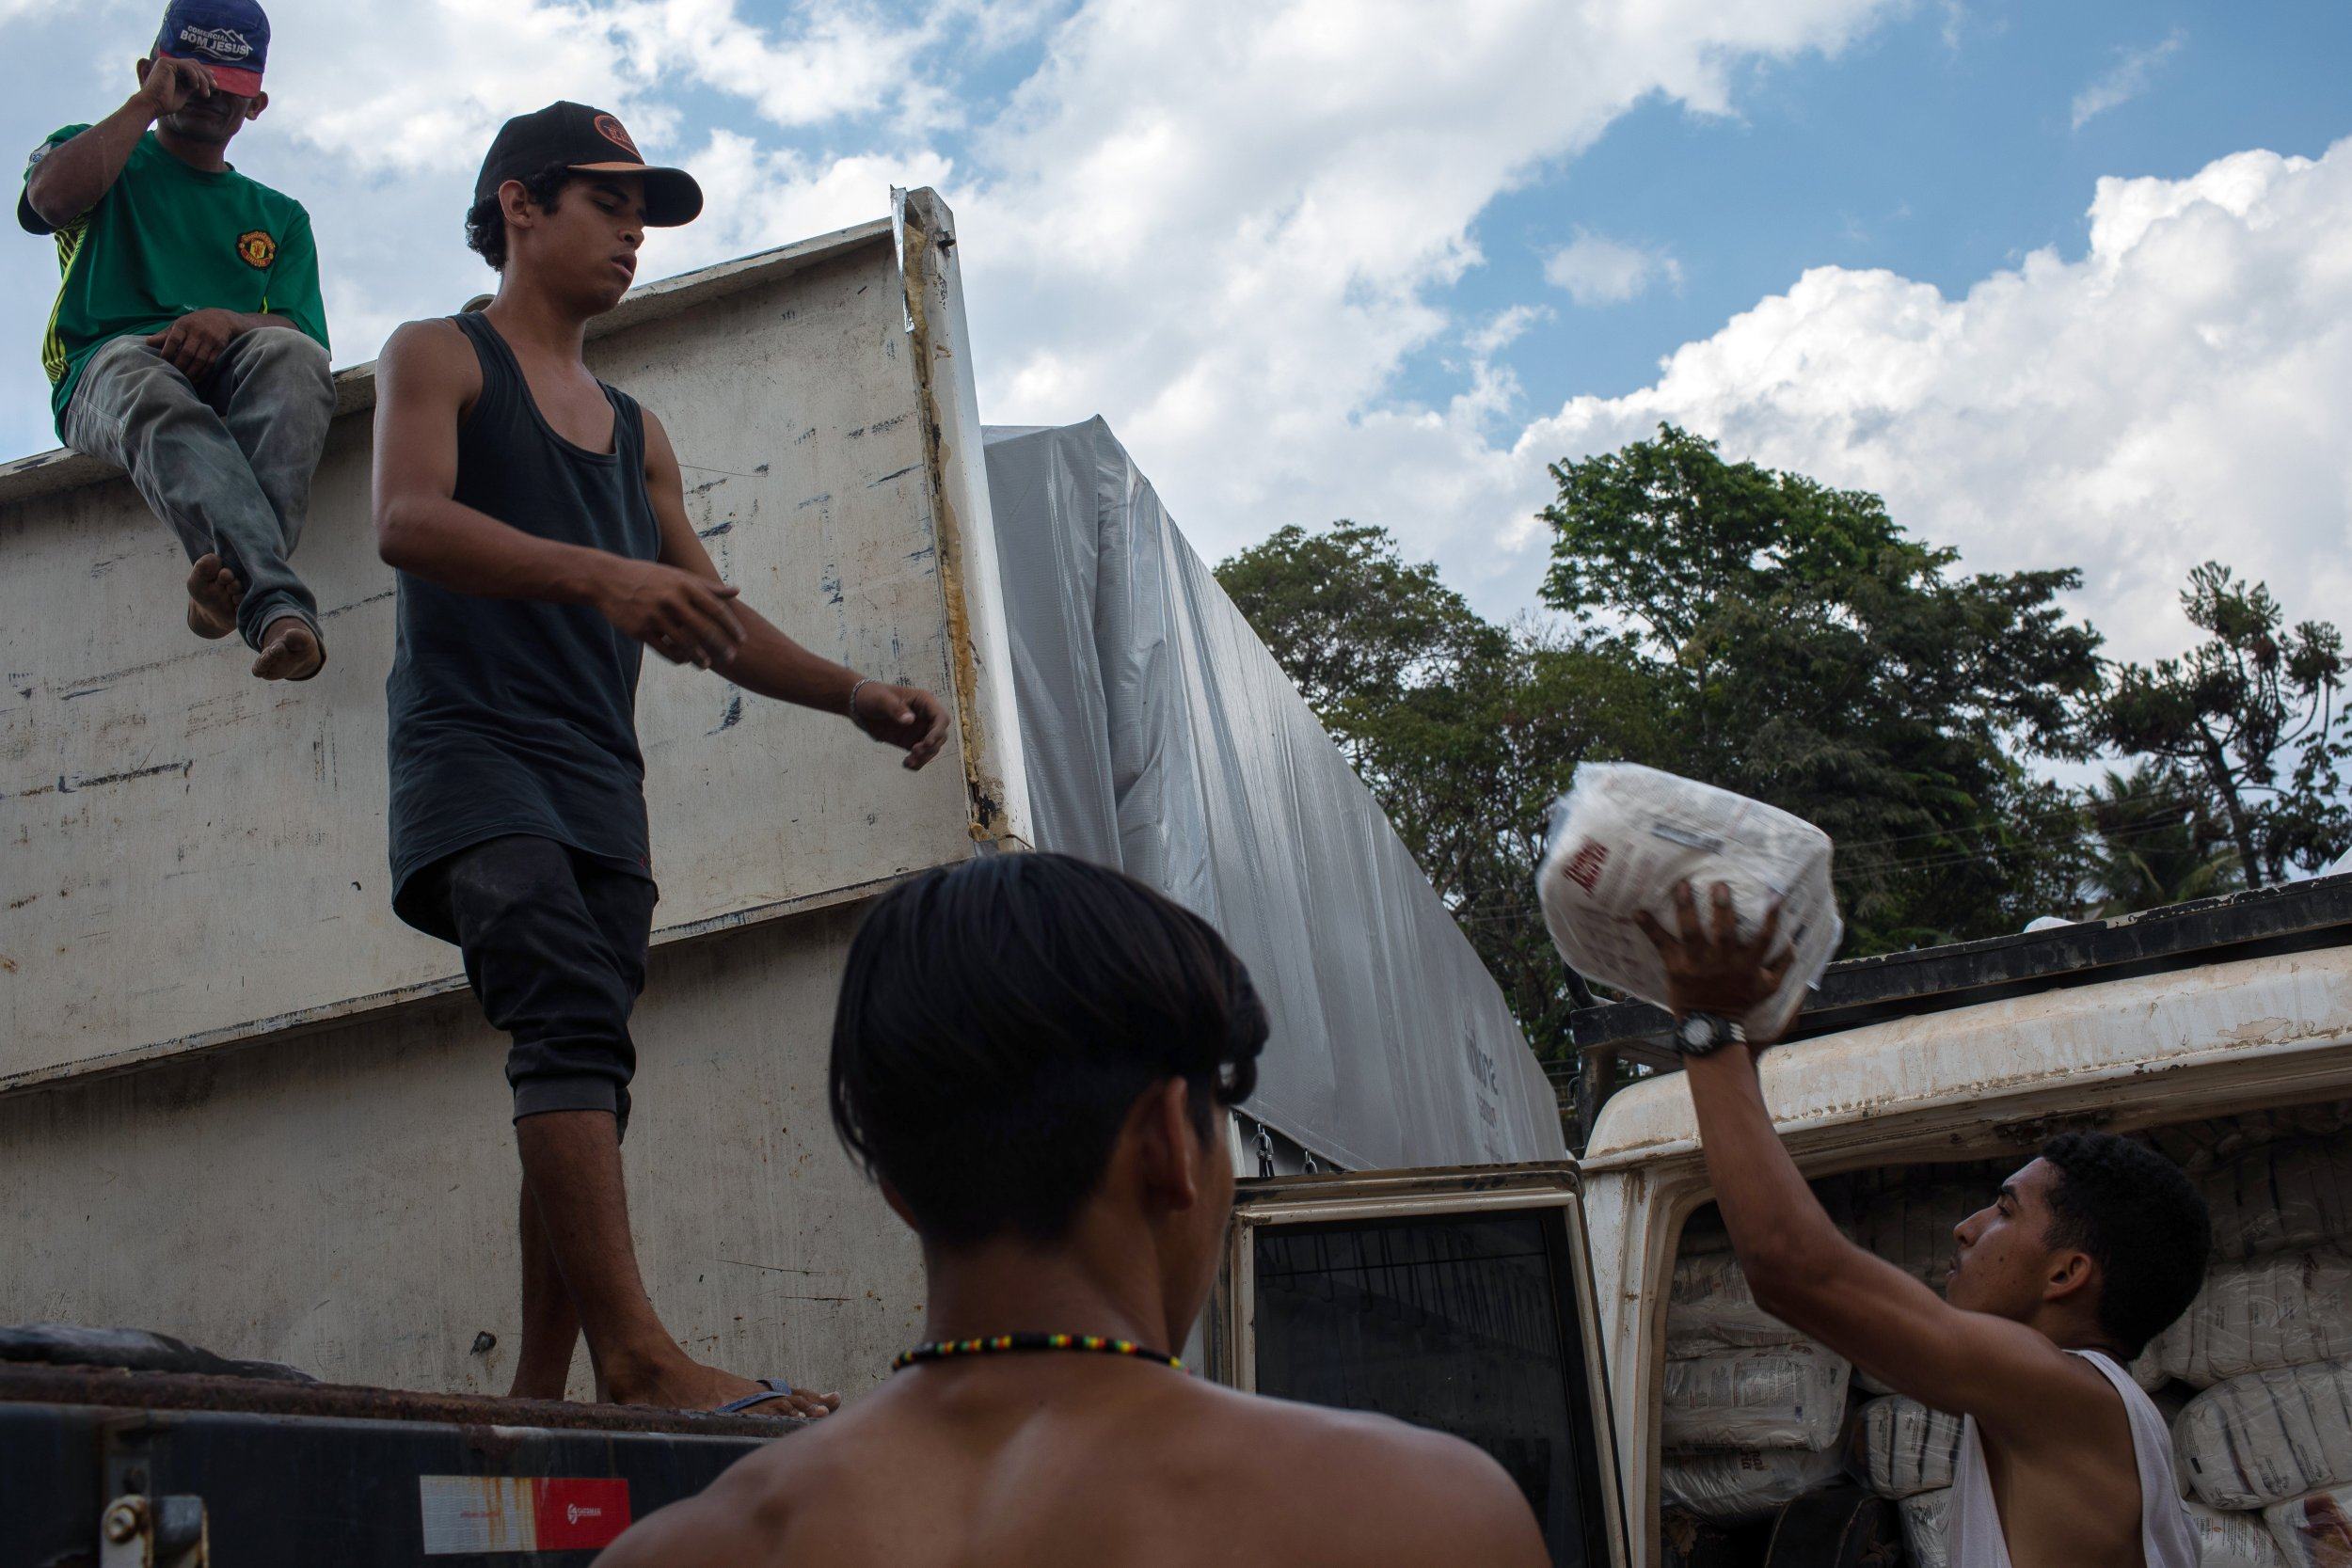 Venezuelans seek refuge in Brazil